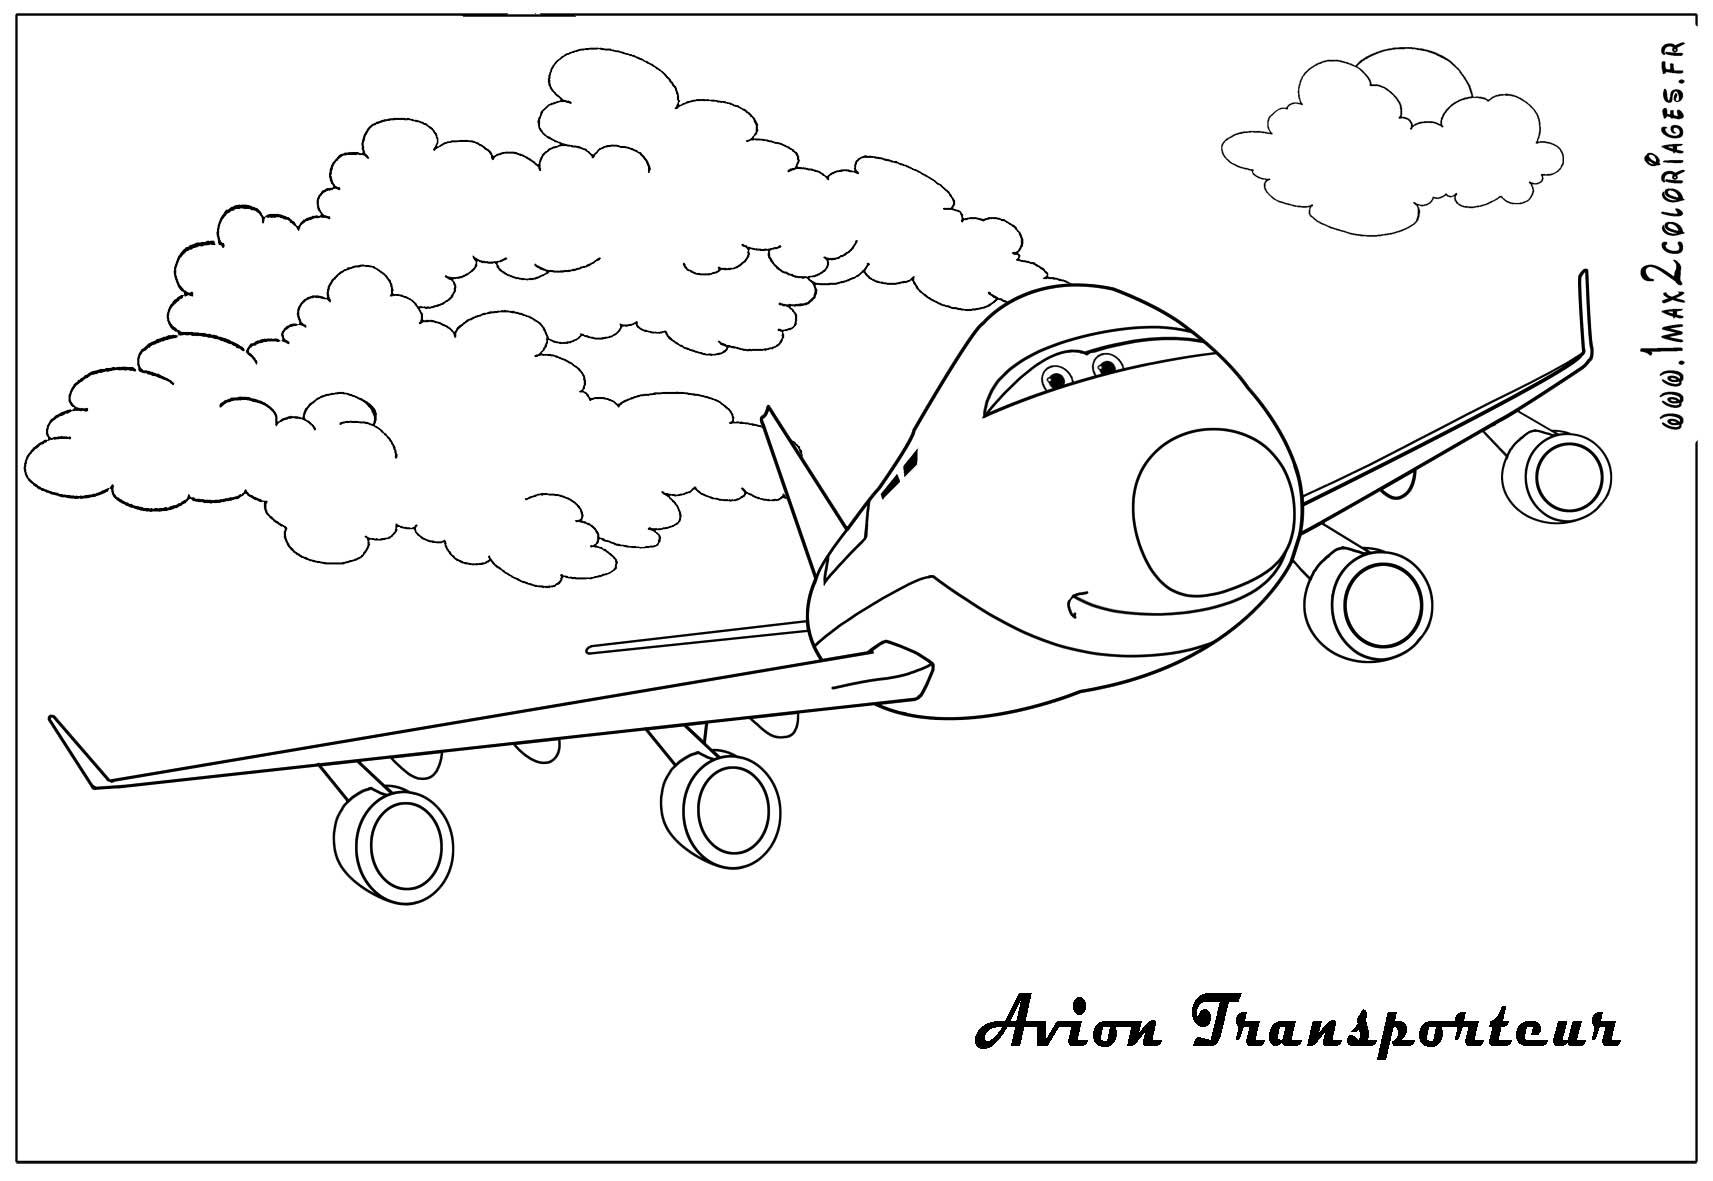 Dessin Coloriage Avion De Chasse.Luxe Dessin Coloriage Avion De Chasse Mademoiselleosaki Com